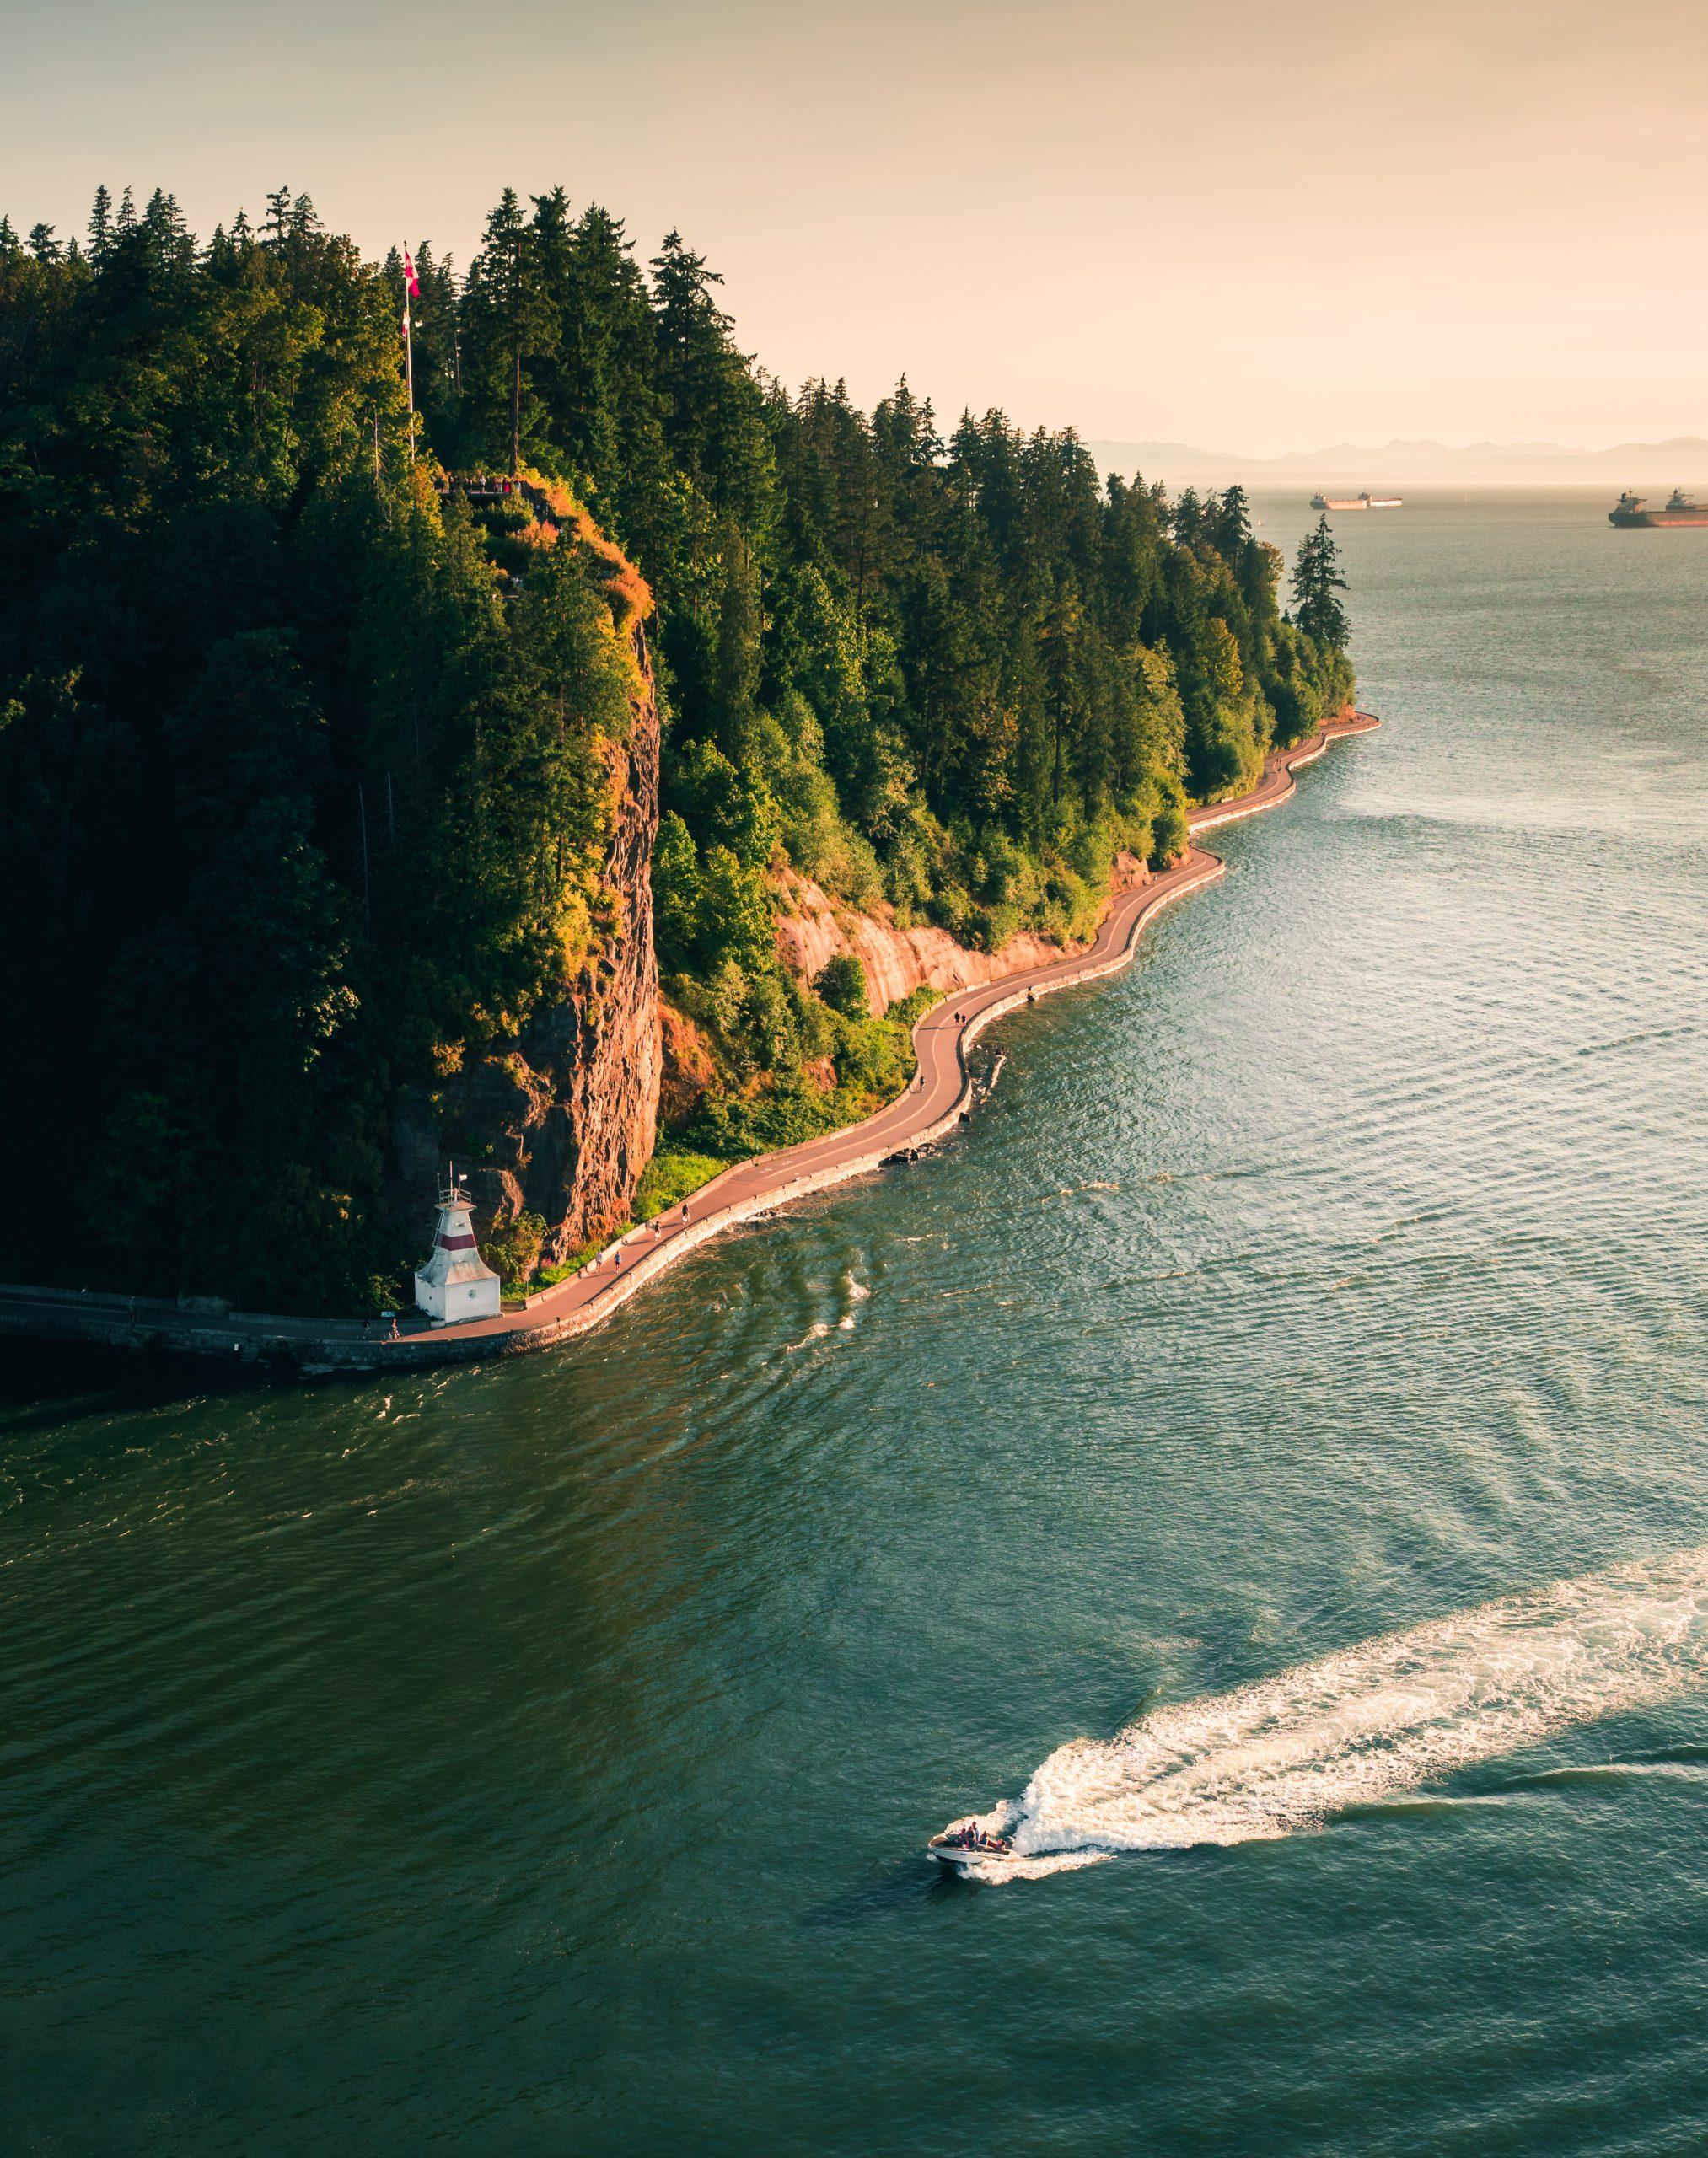 OMCOS 2021 - Vancouver aerial seawall